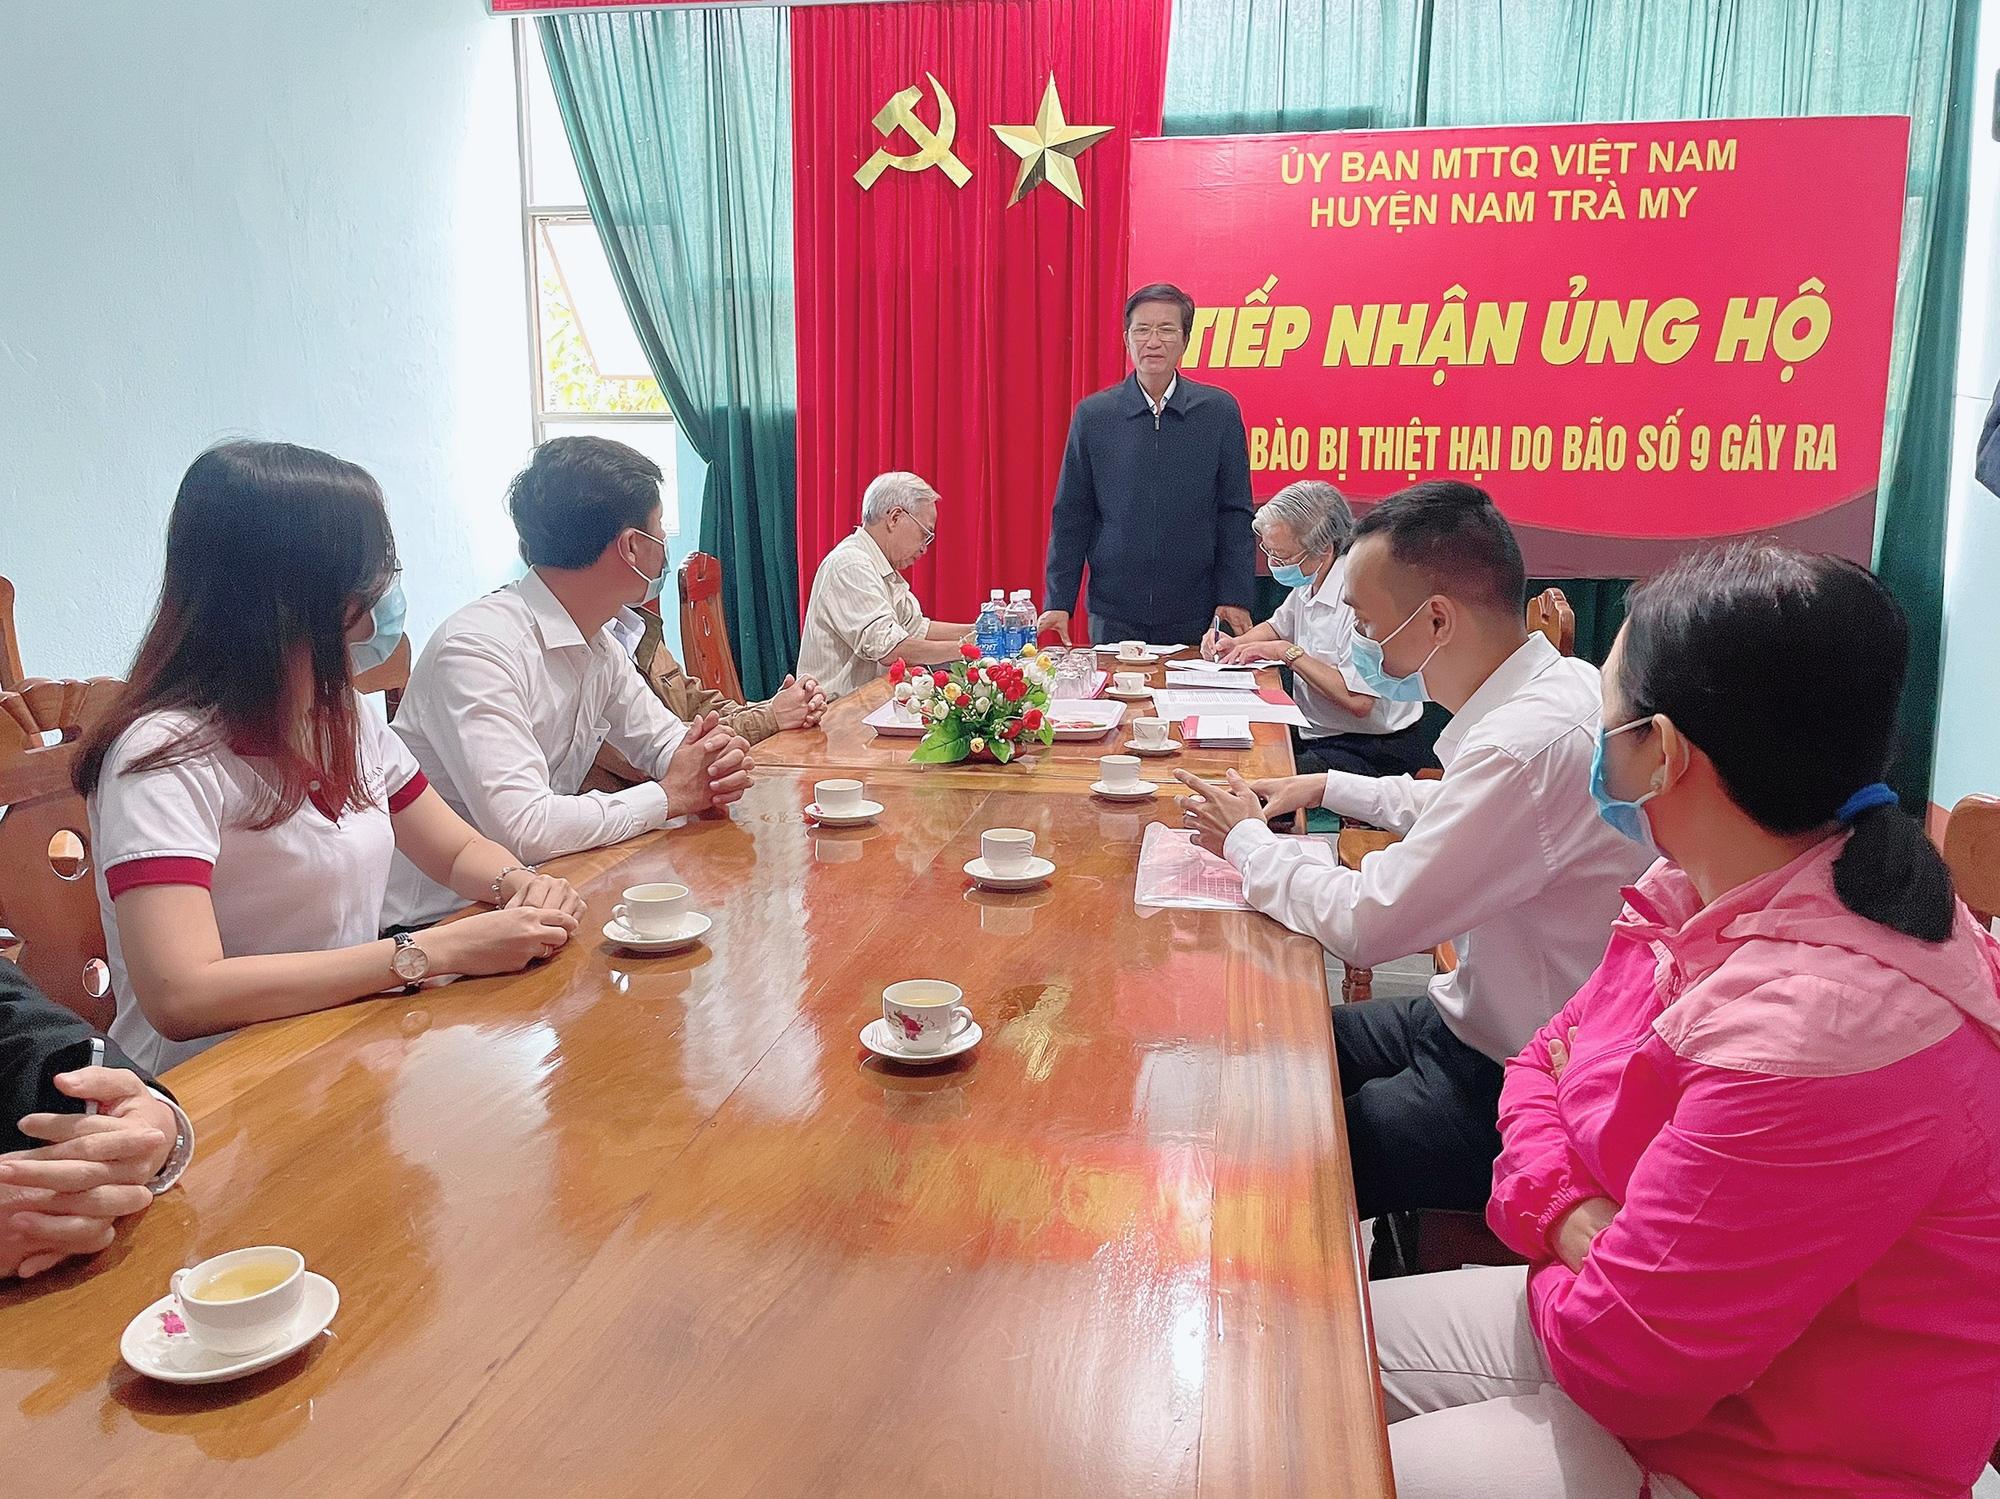 Agribank: Tiểu ban Chỉ đạo chương trình PTTN khu vực Tây Nam bộ hỗ trợ đồng bào chịu ảnh hưởng bão, lũ tại Quảng Bình - Ảnh 4.